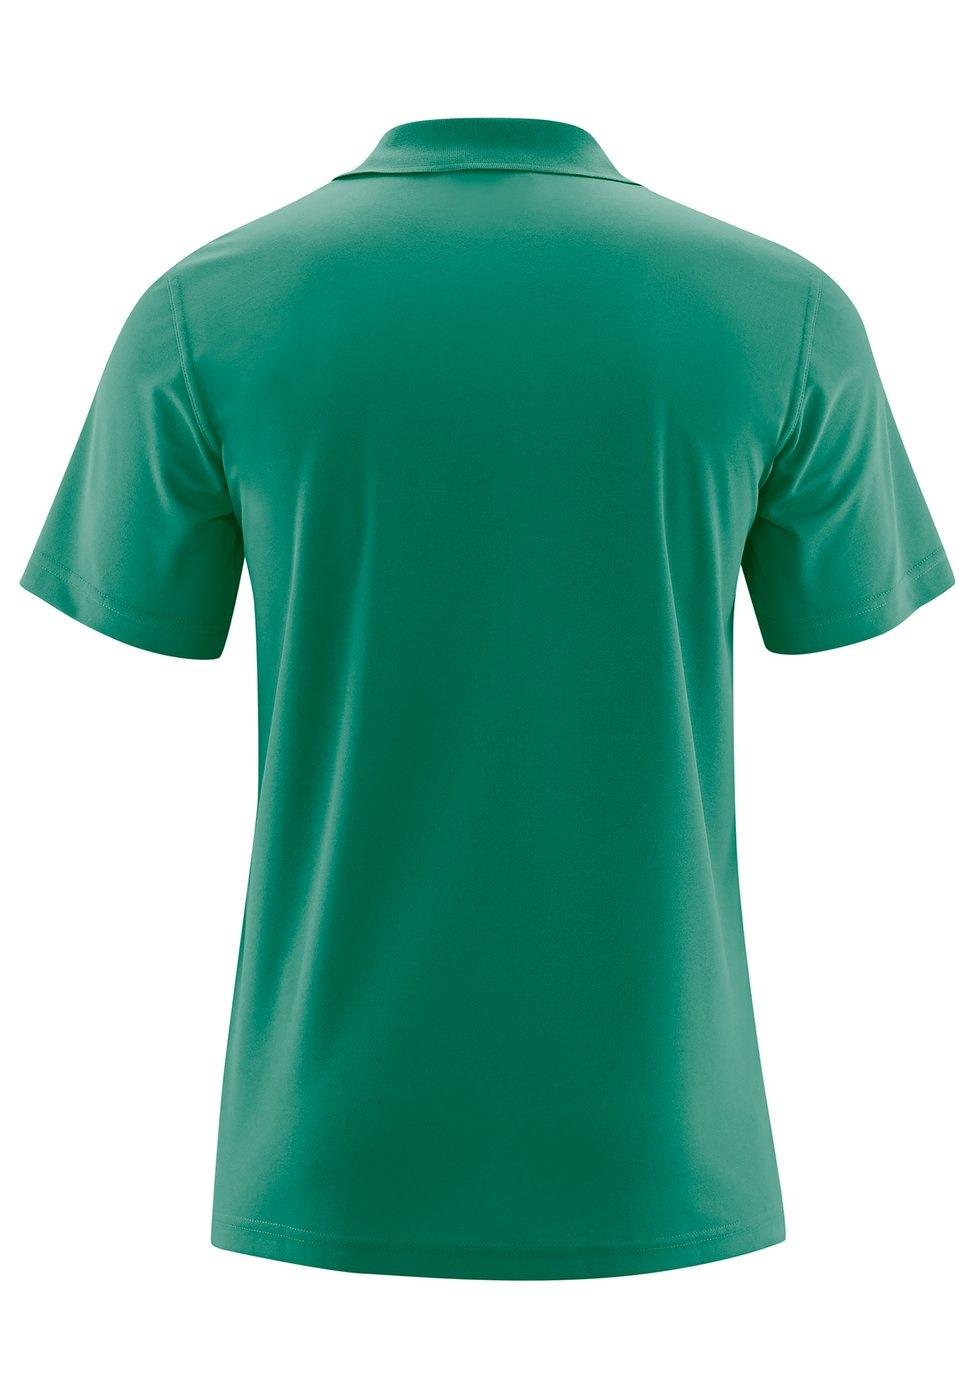 Maier Sports Hr. Ulrich Poloshirt 152303 ultimarine green